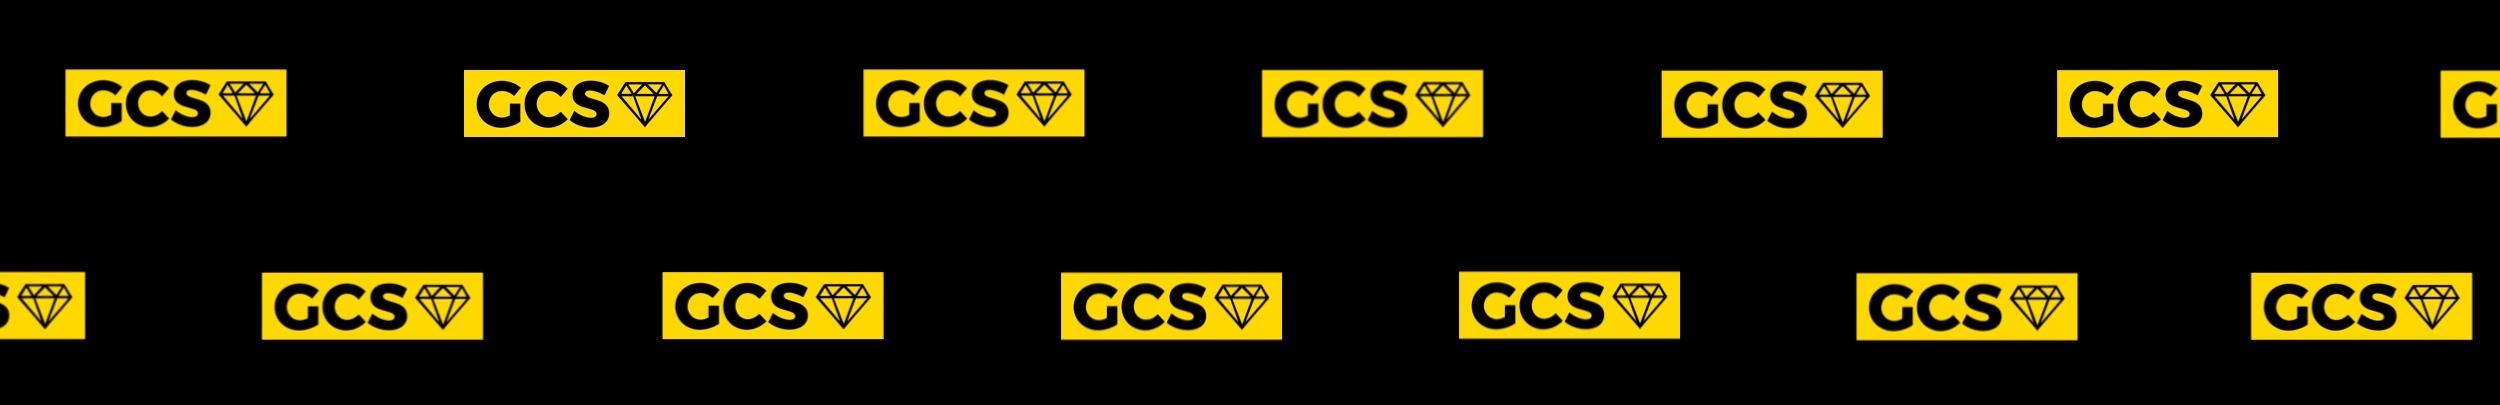 GCS gold colour diamond box logo